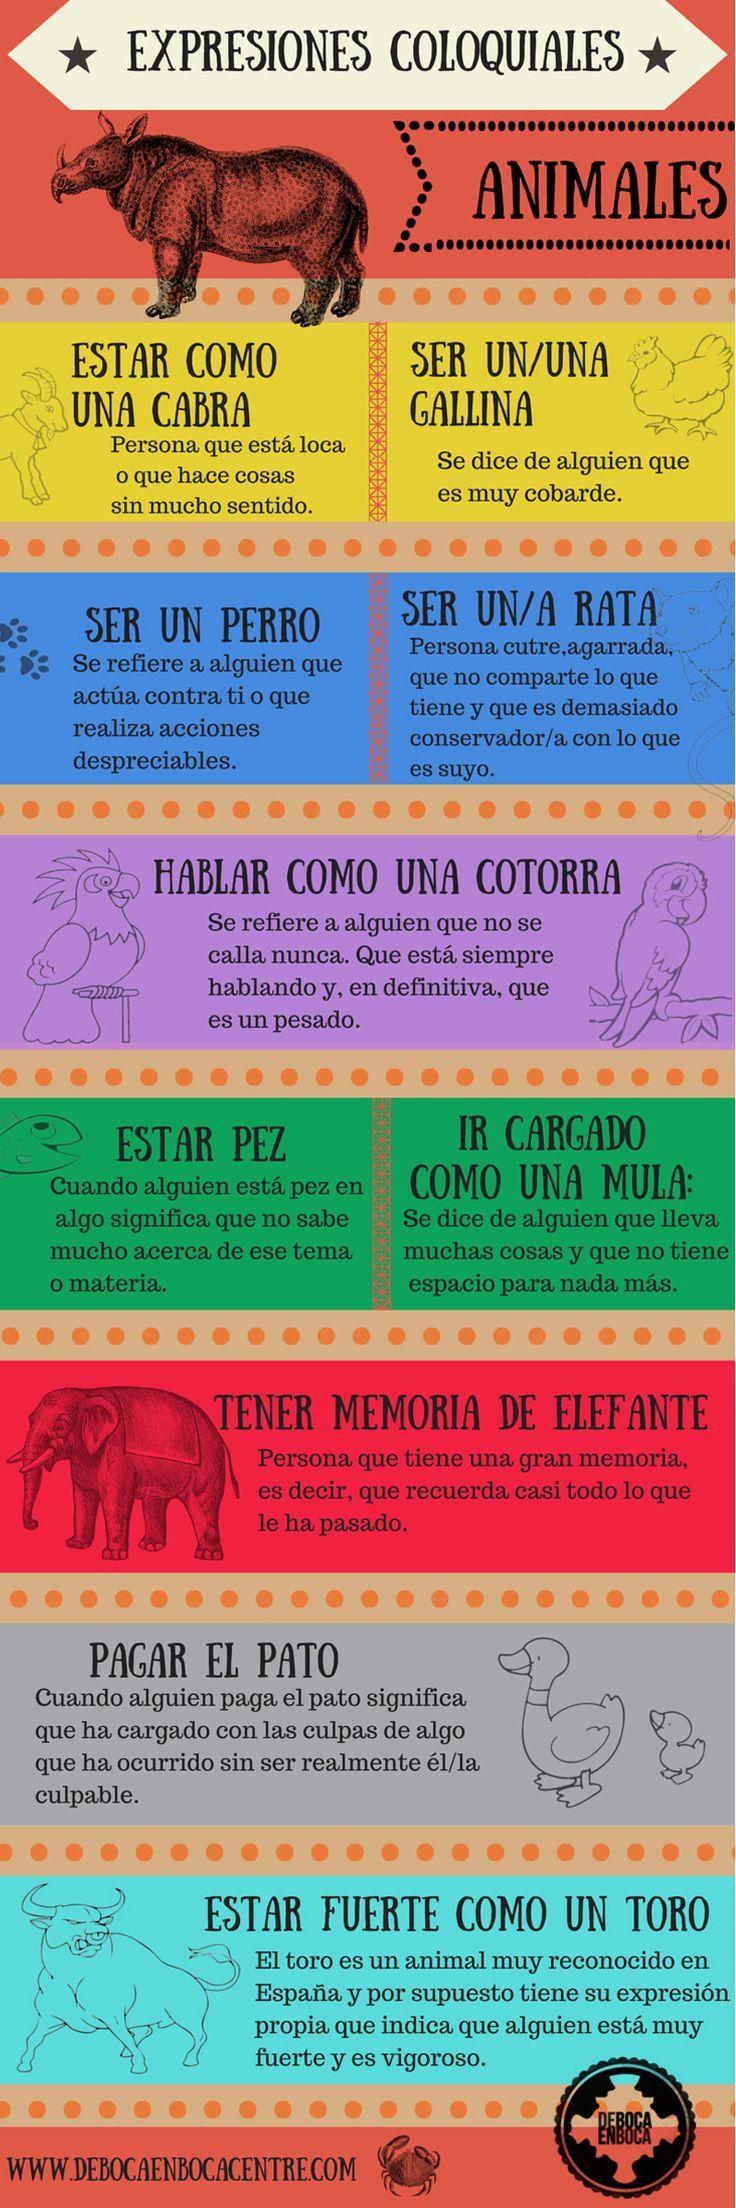 Este obra cuyo autor esdebocaenbocacentre.com está bajo unalicencia de Reconocimiento 4.0 Internacional de Creative Commons.